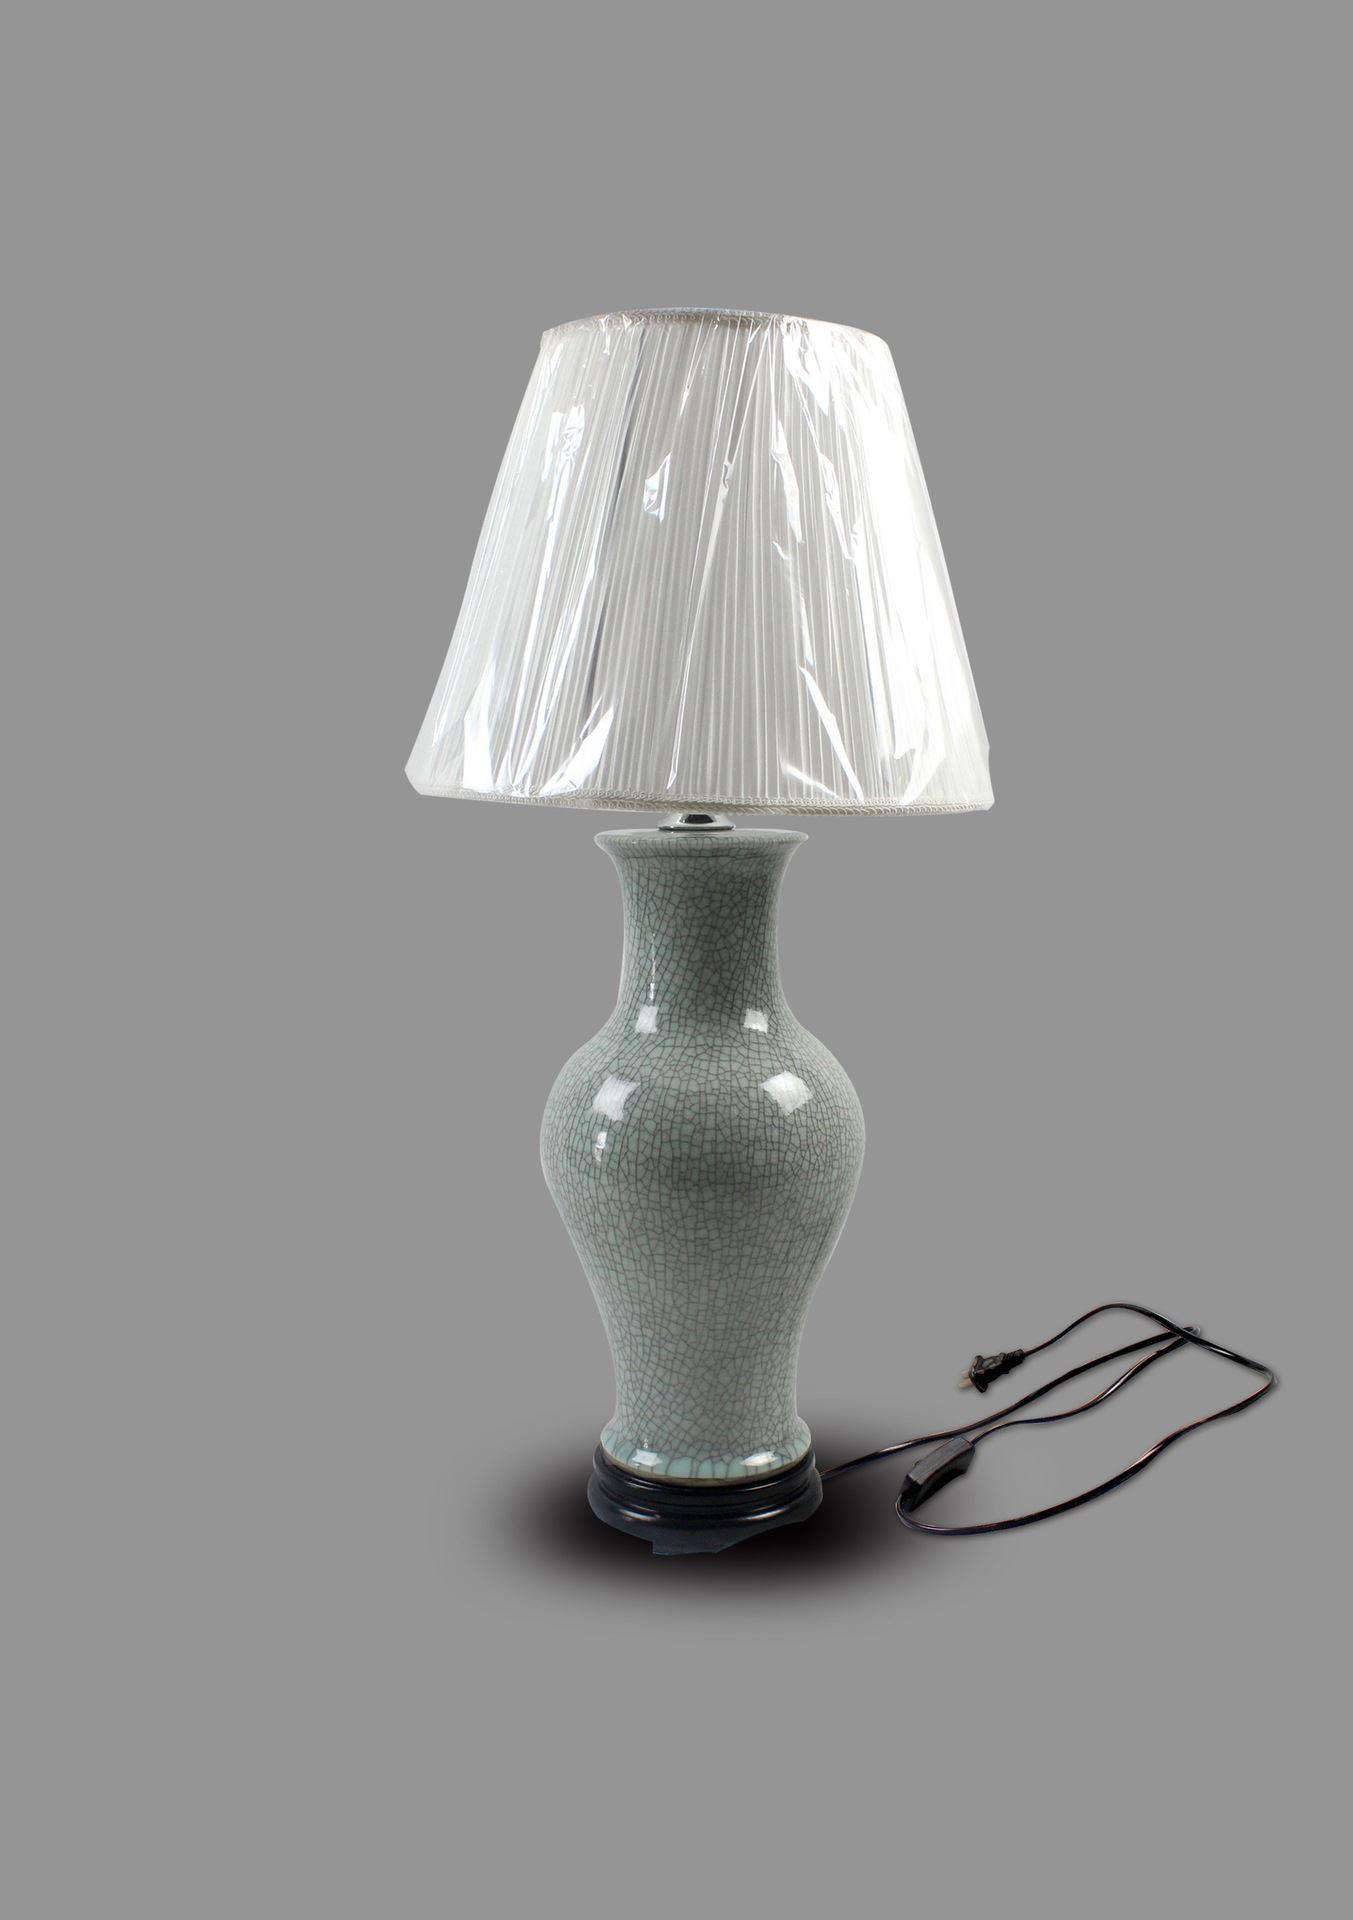 DSIF04景德镇 陶瓷 开片灯具 台灯 灯具 灯饰 家居摆设